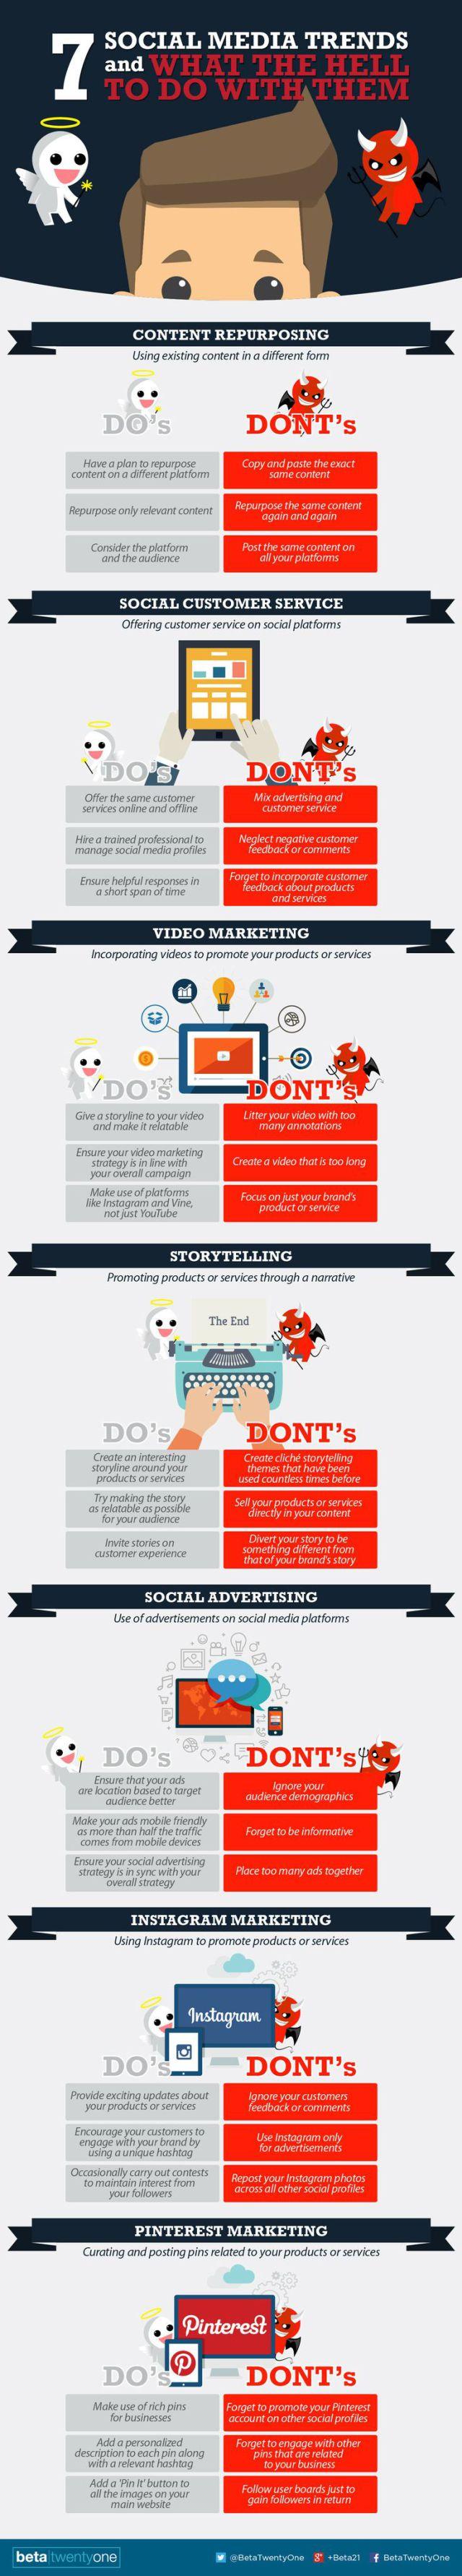 XXQué debes hacer y que no con estas tendencias del social media #infografía